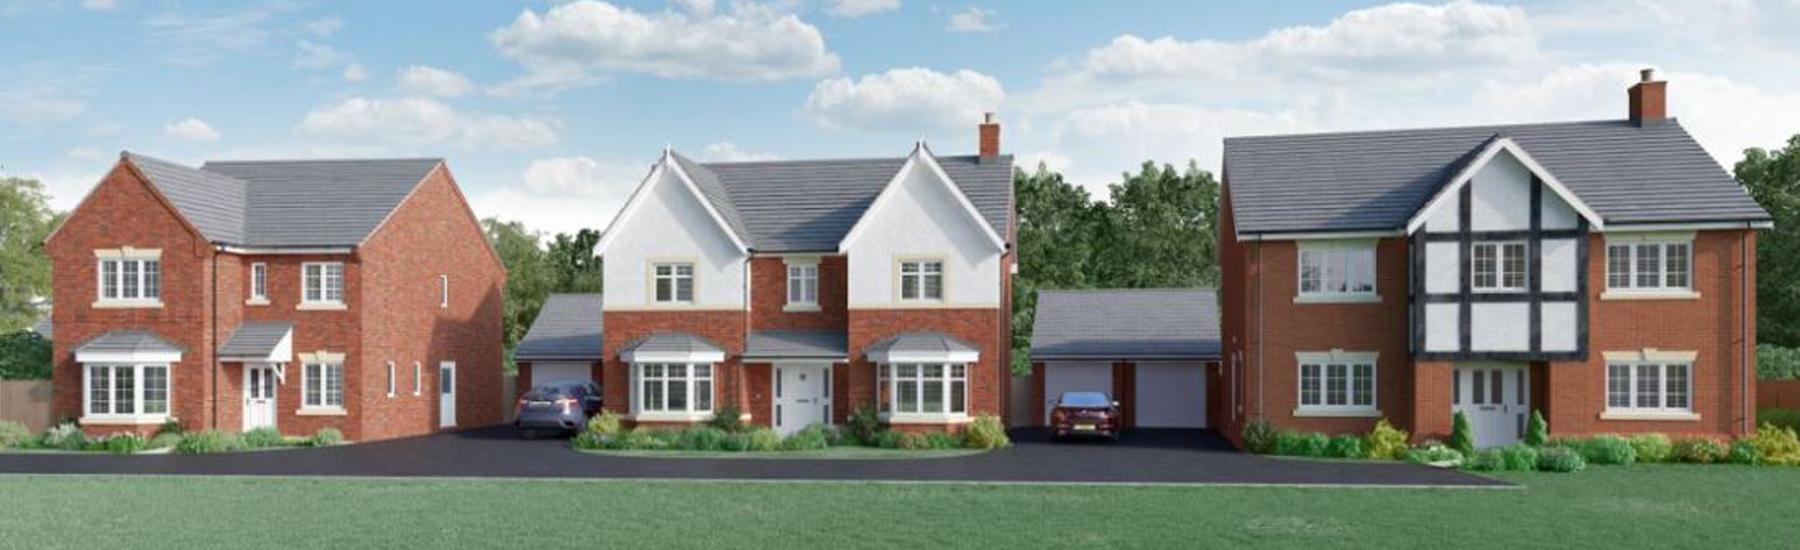 New Build Homes Castle Donington Bedroom Homes For Sale In Castle Donington Miller Homes